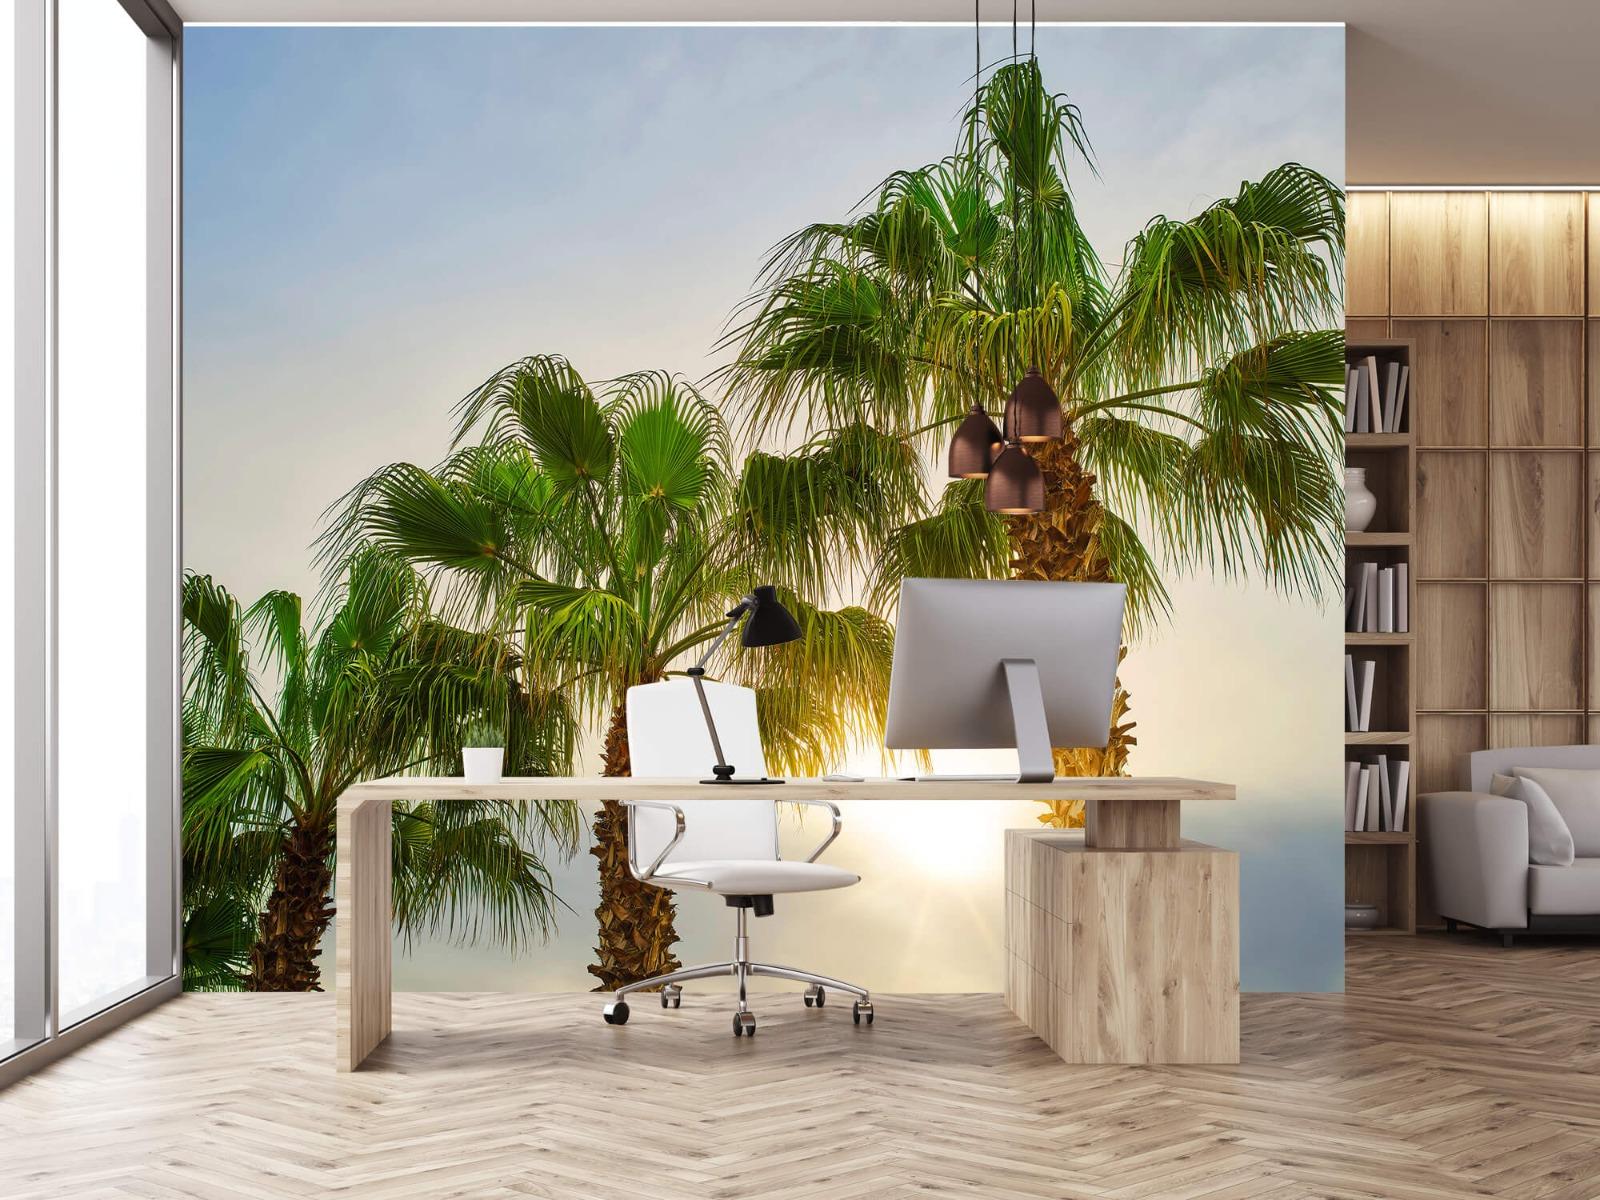 Palmbomen - Palmbomen met zon - Gang 24